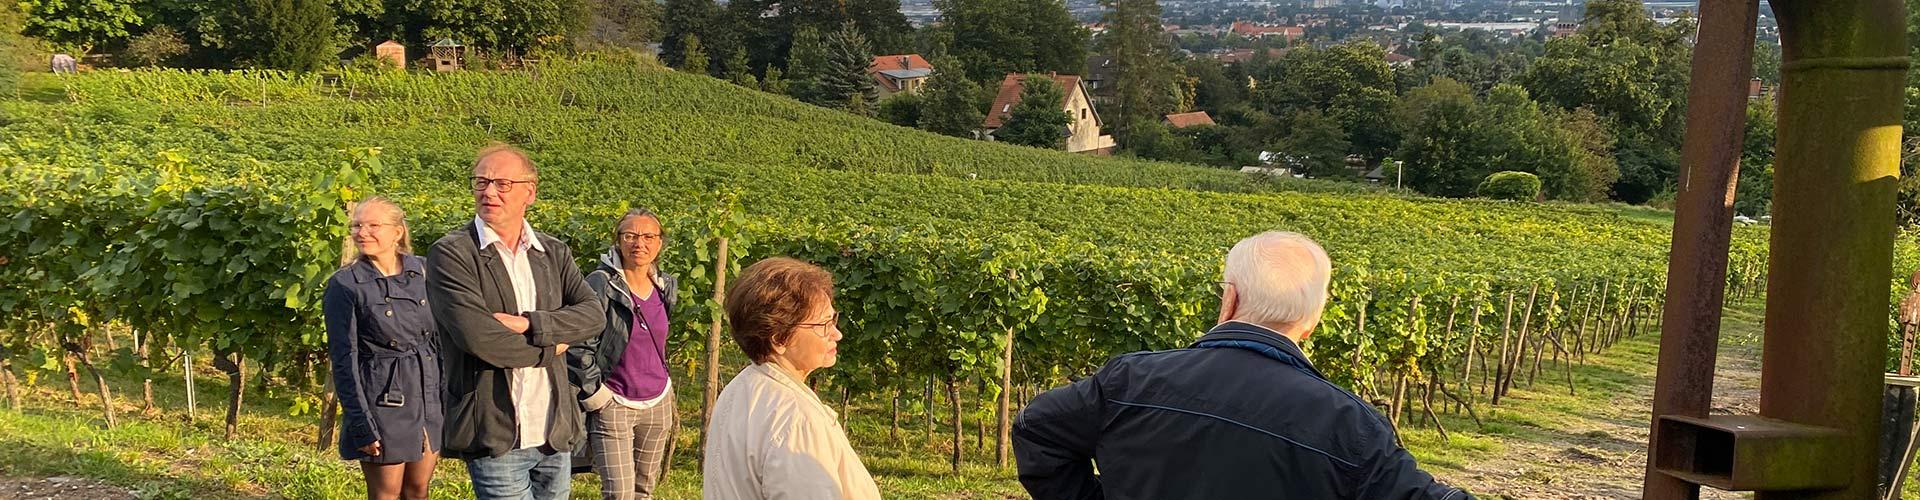 Spaziergang im herbslichen Weinberg auf dem Wein-und Kunstwanderweg